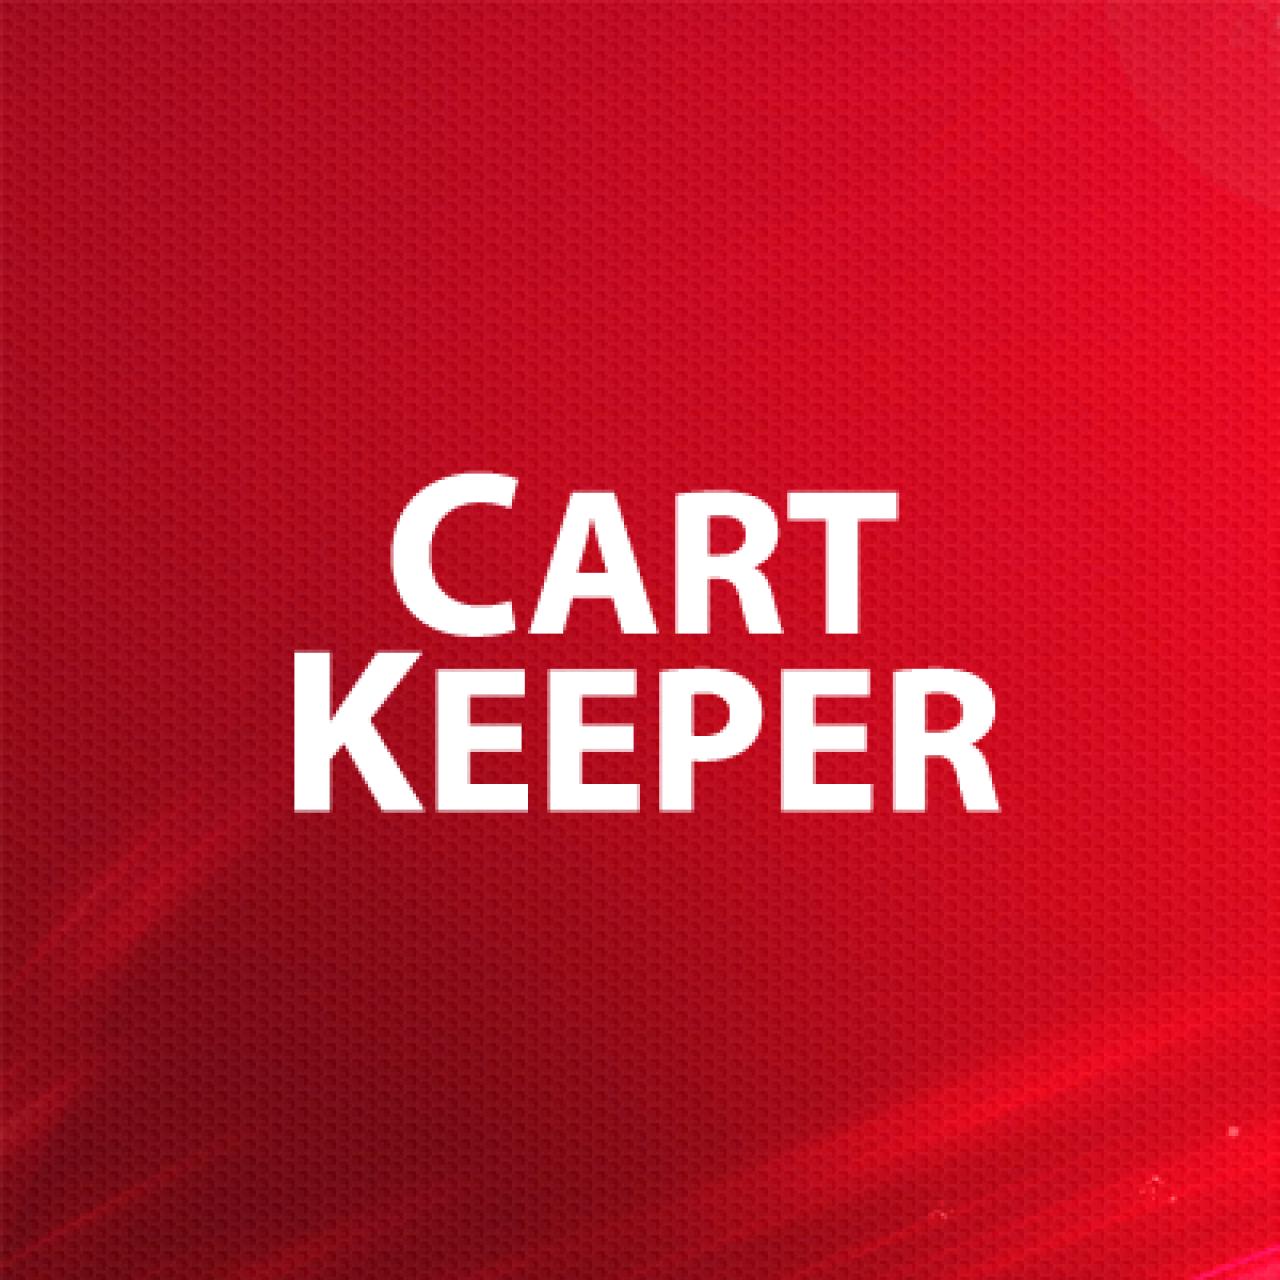 CartKeeper - хранение и управление корзинами покупателей из категории Заказ, корзина для CMS OpenCart (ОпенКарт)